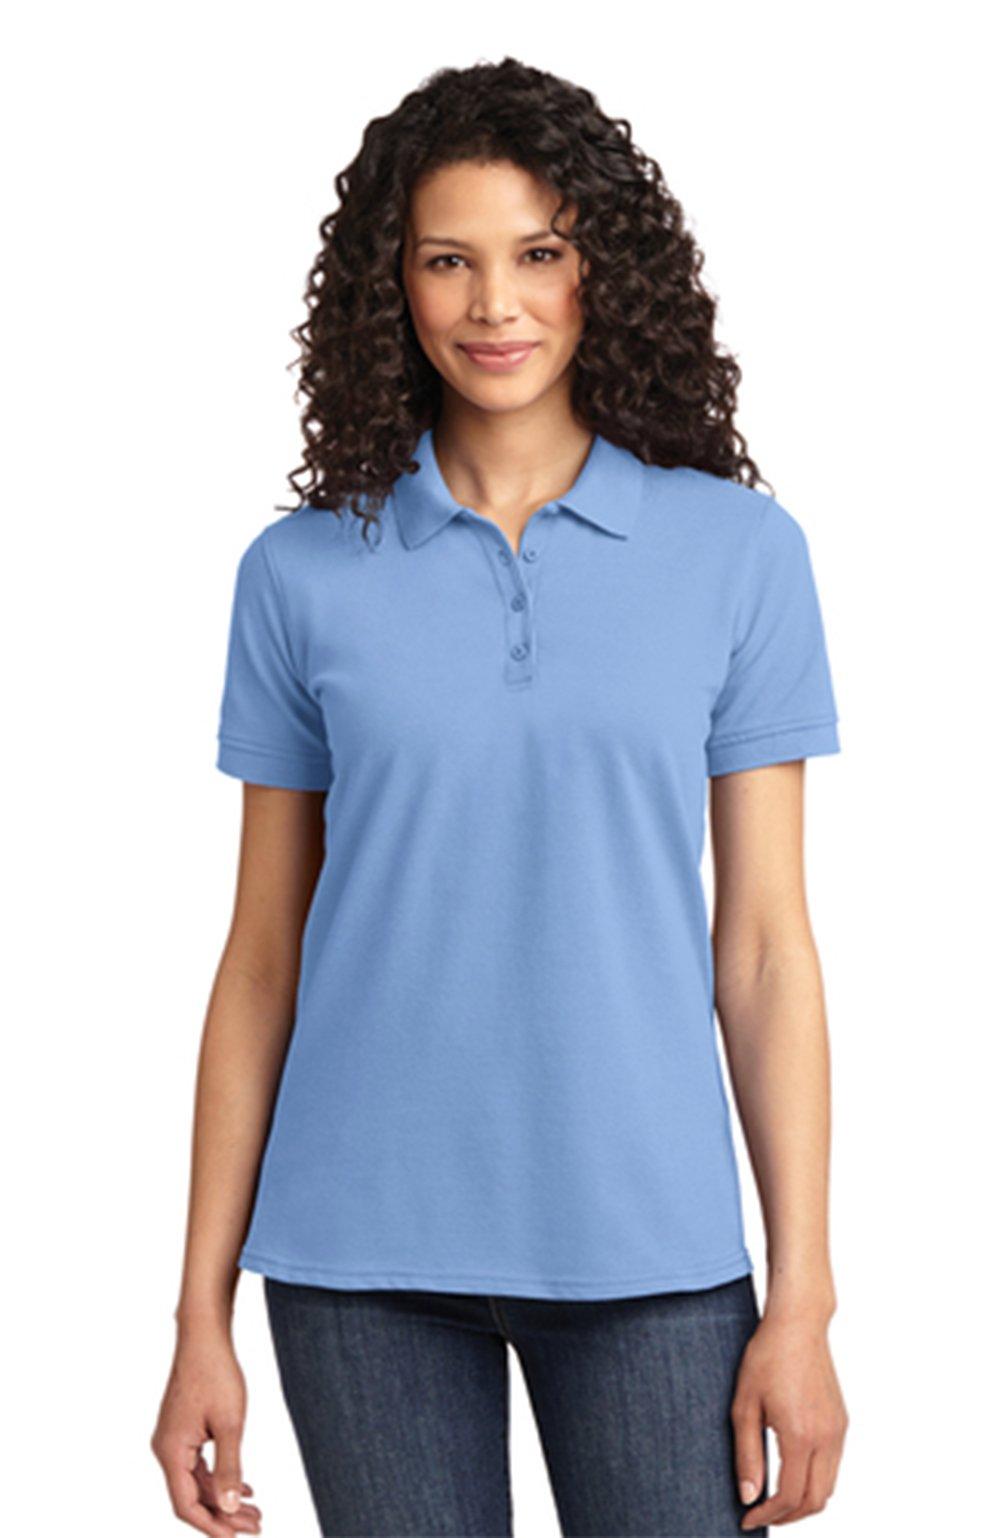 Port & Company Women's Core Blend Pique Stain Resistant Polo, Medium, Light Blue